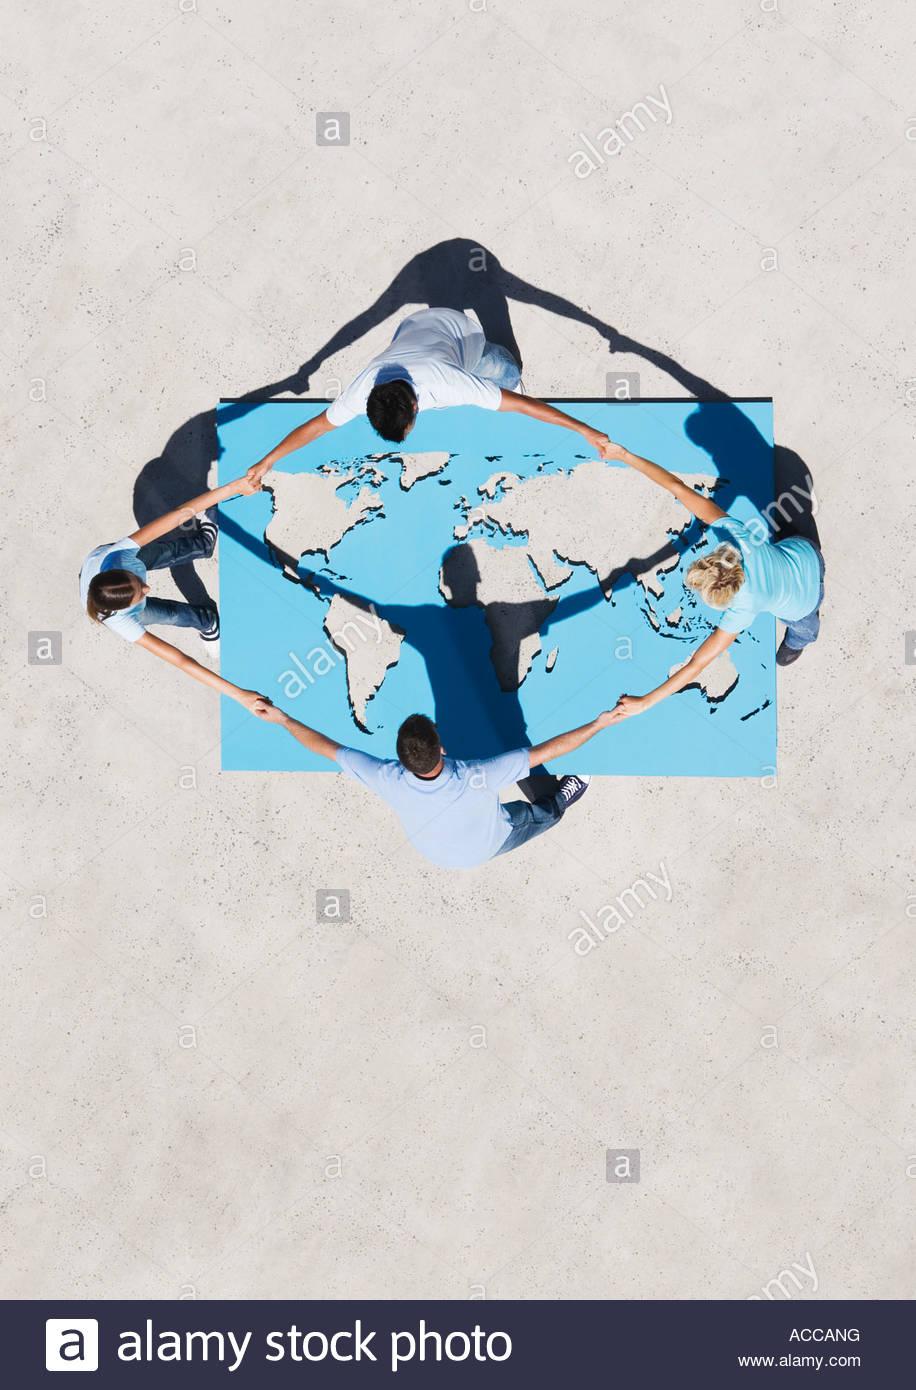 Cuatro personas manos arriba mapa del mundo exterior Imagen De Stock